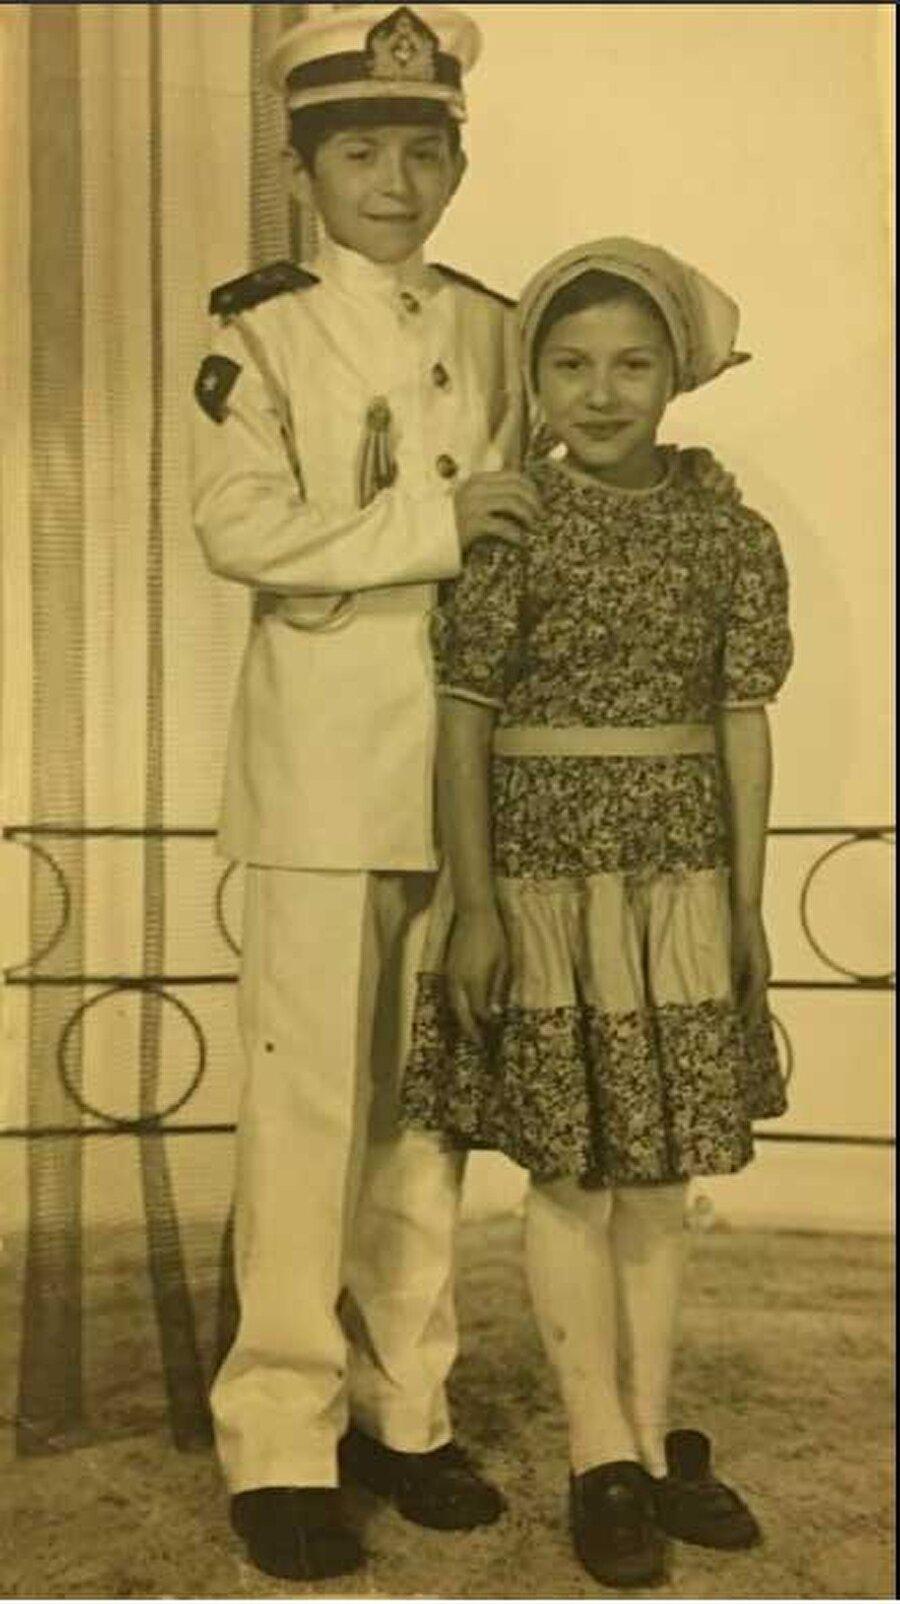 Süleyman Soylu                                      Aslen Trabzon'un Of ilçesinden olan Soylu, 1969 yılında İstanbul Gaziosmanpaşa'da dünyaya geldi. İlk ve orta öğrenimini İstanbul'da tamamlayan Soylu, Plevne Lisesi'nden mezun olduktan sonra İstanbul Üniversitesi İşletme Fakültesi'ni bitirdi.